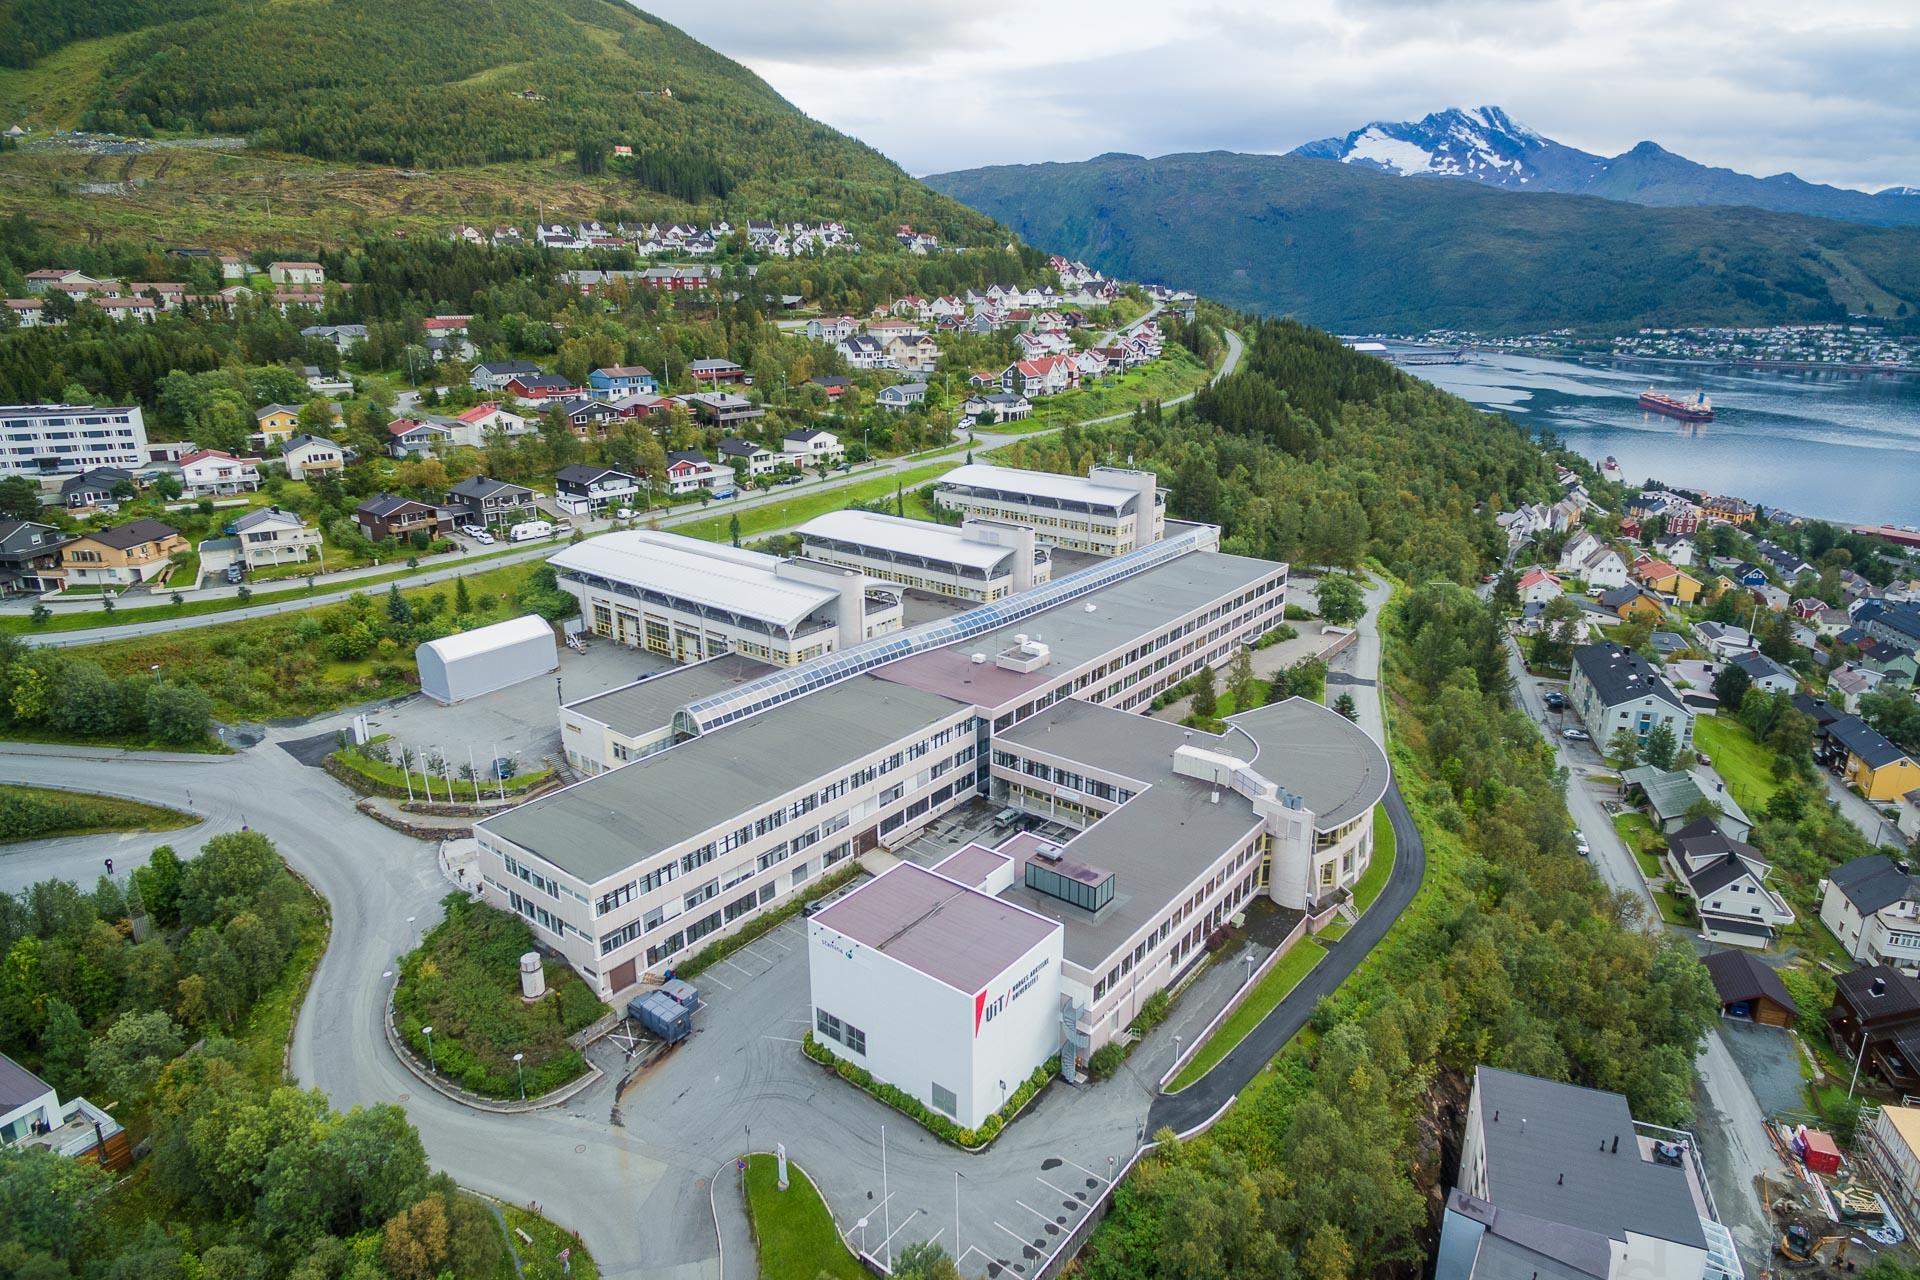 Avdøde var student ved Universitetet i Tromsø, campus Narvik. (Arkivfoto: Robin Lund)